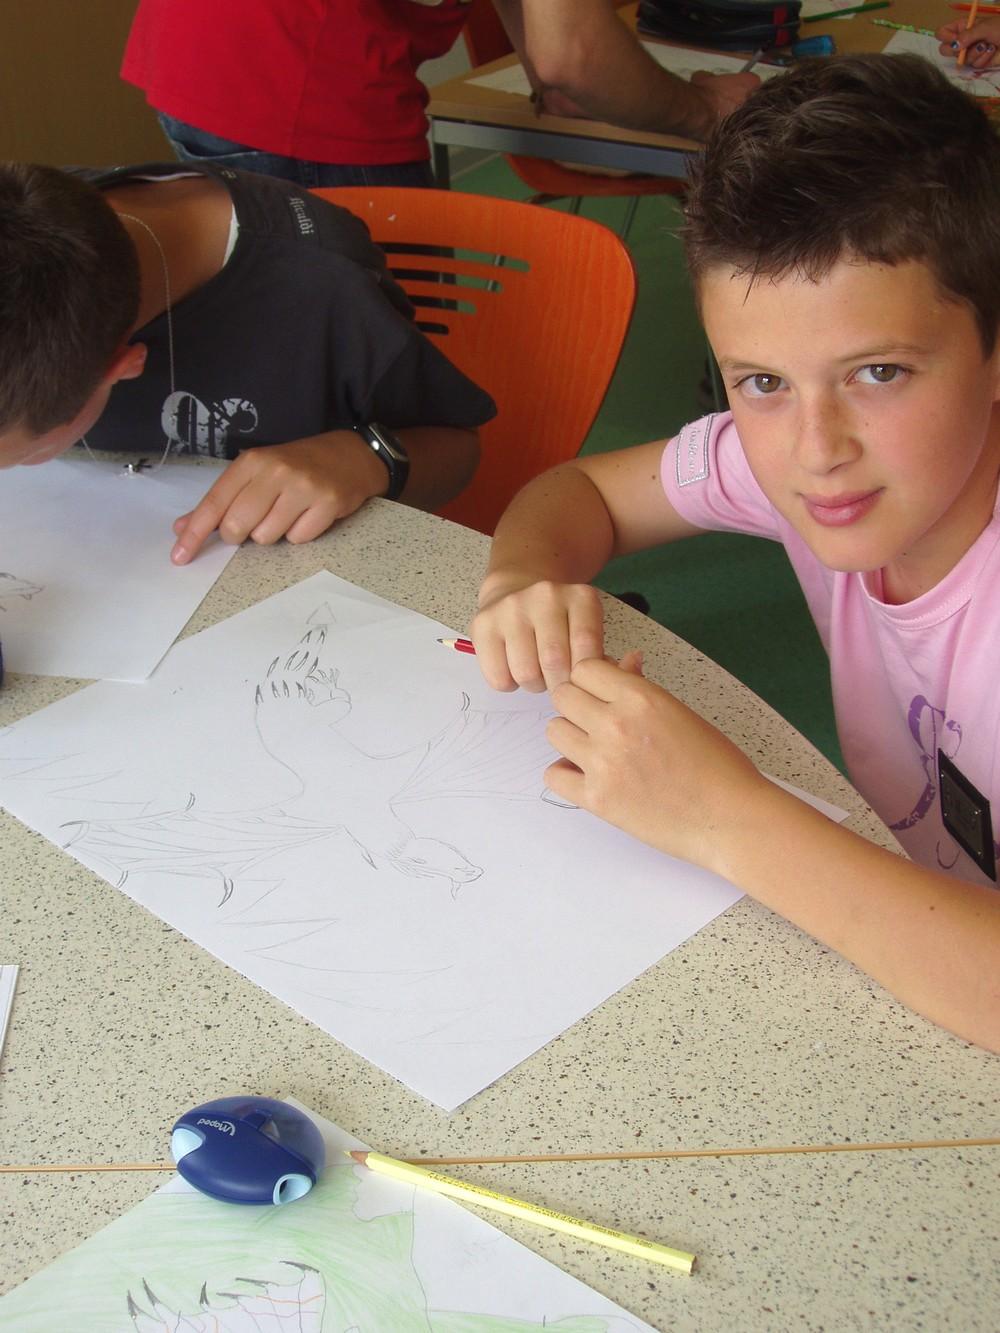 Un autre jeune et son dessin